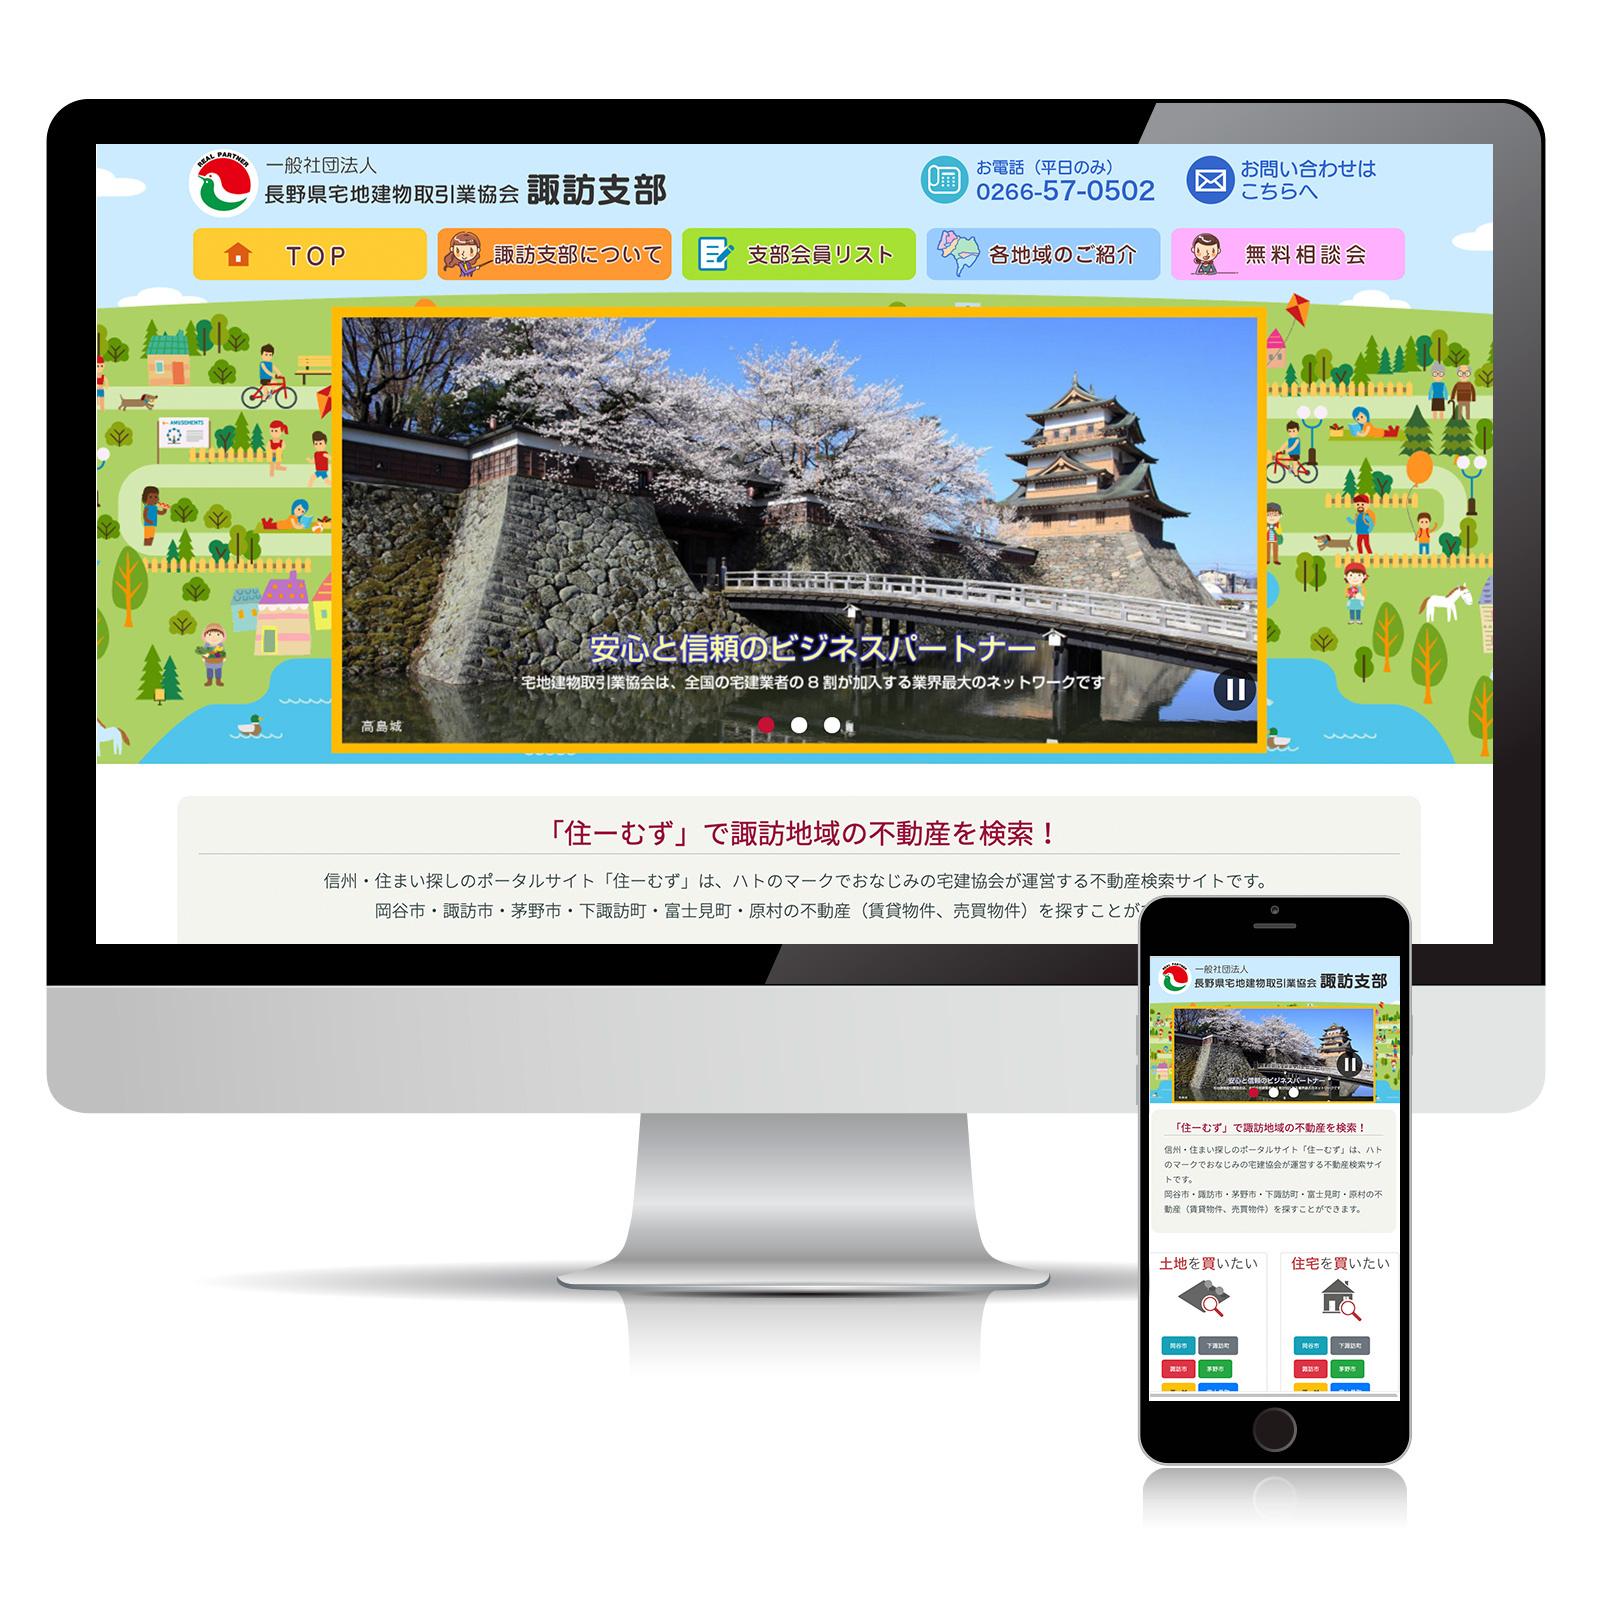 長野県宅地建物取引業協会諏訪支部様ウェブサイト